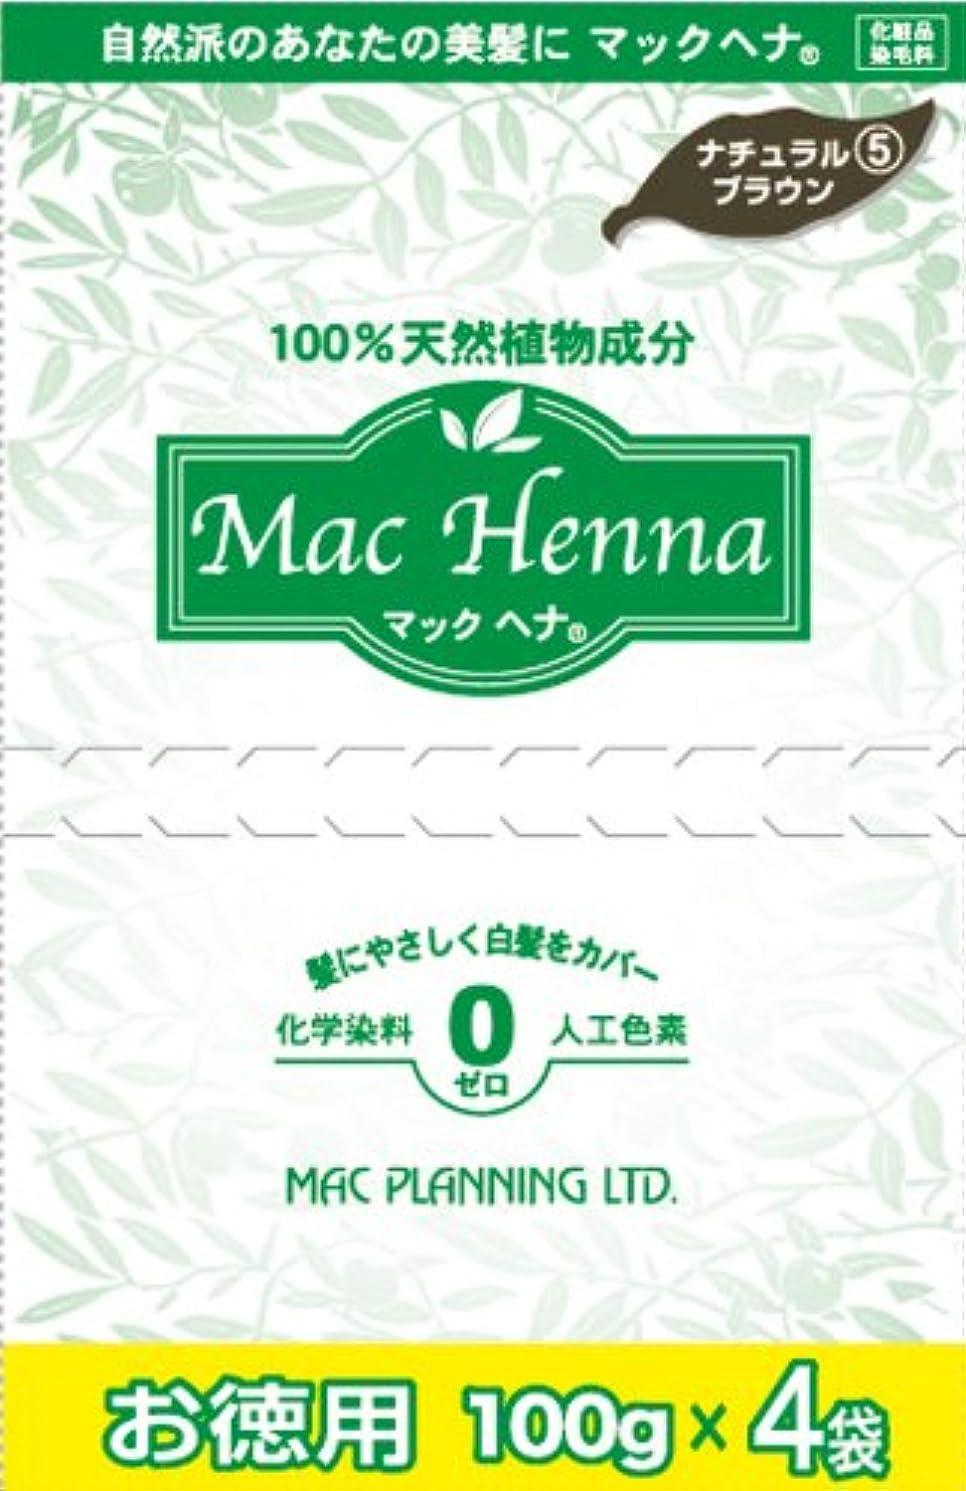 貸し手洪水大惨事天然植物原料100% 無添加 マックヘナ お徳用(ナチュラルブラウン)-5  400g(100g×4袋) ケース(12箱入り)